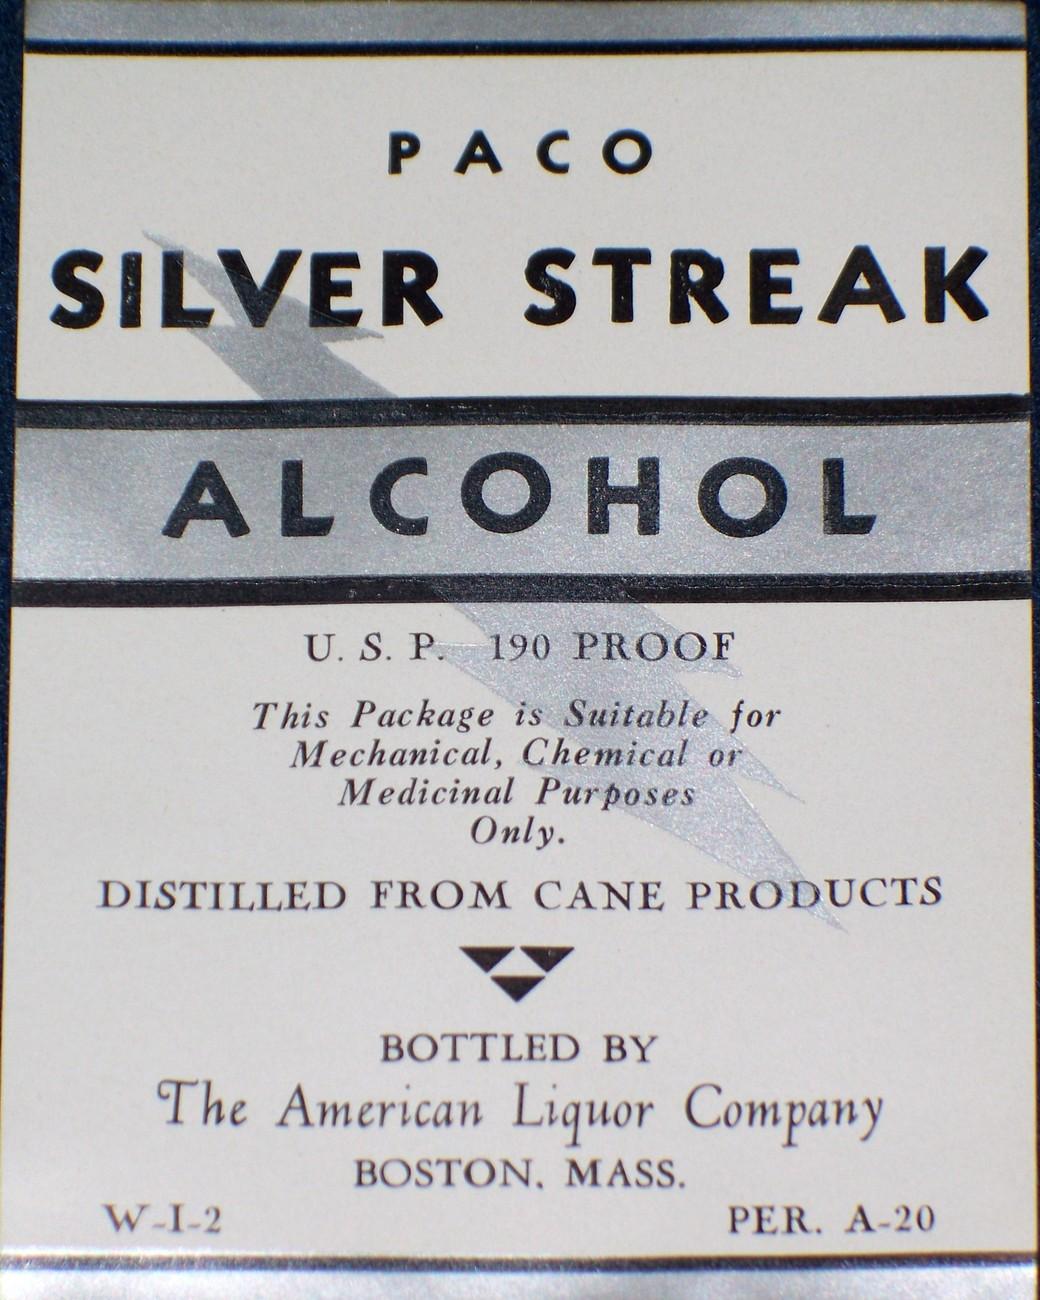 Got Some Kick! Paco Silver Streak Alcohol Label, 1930's